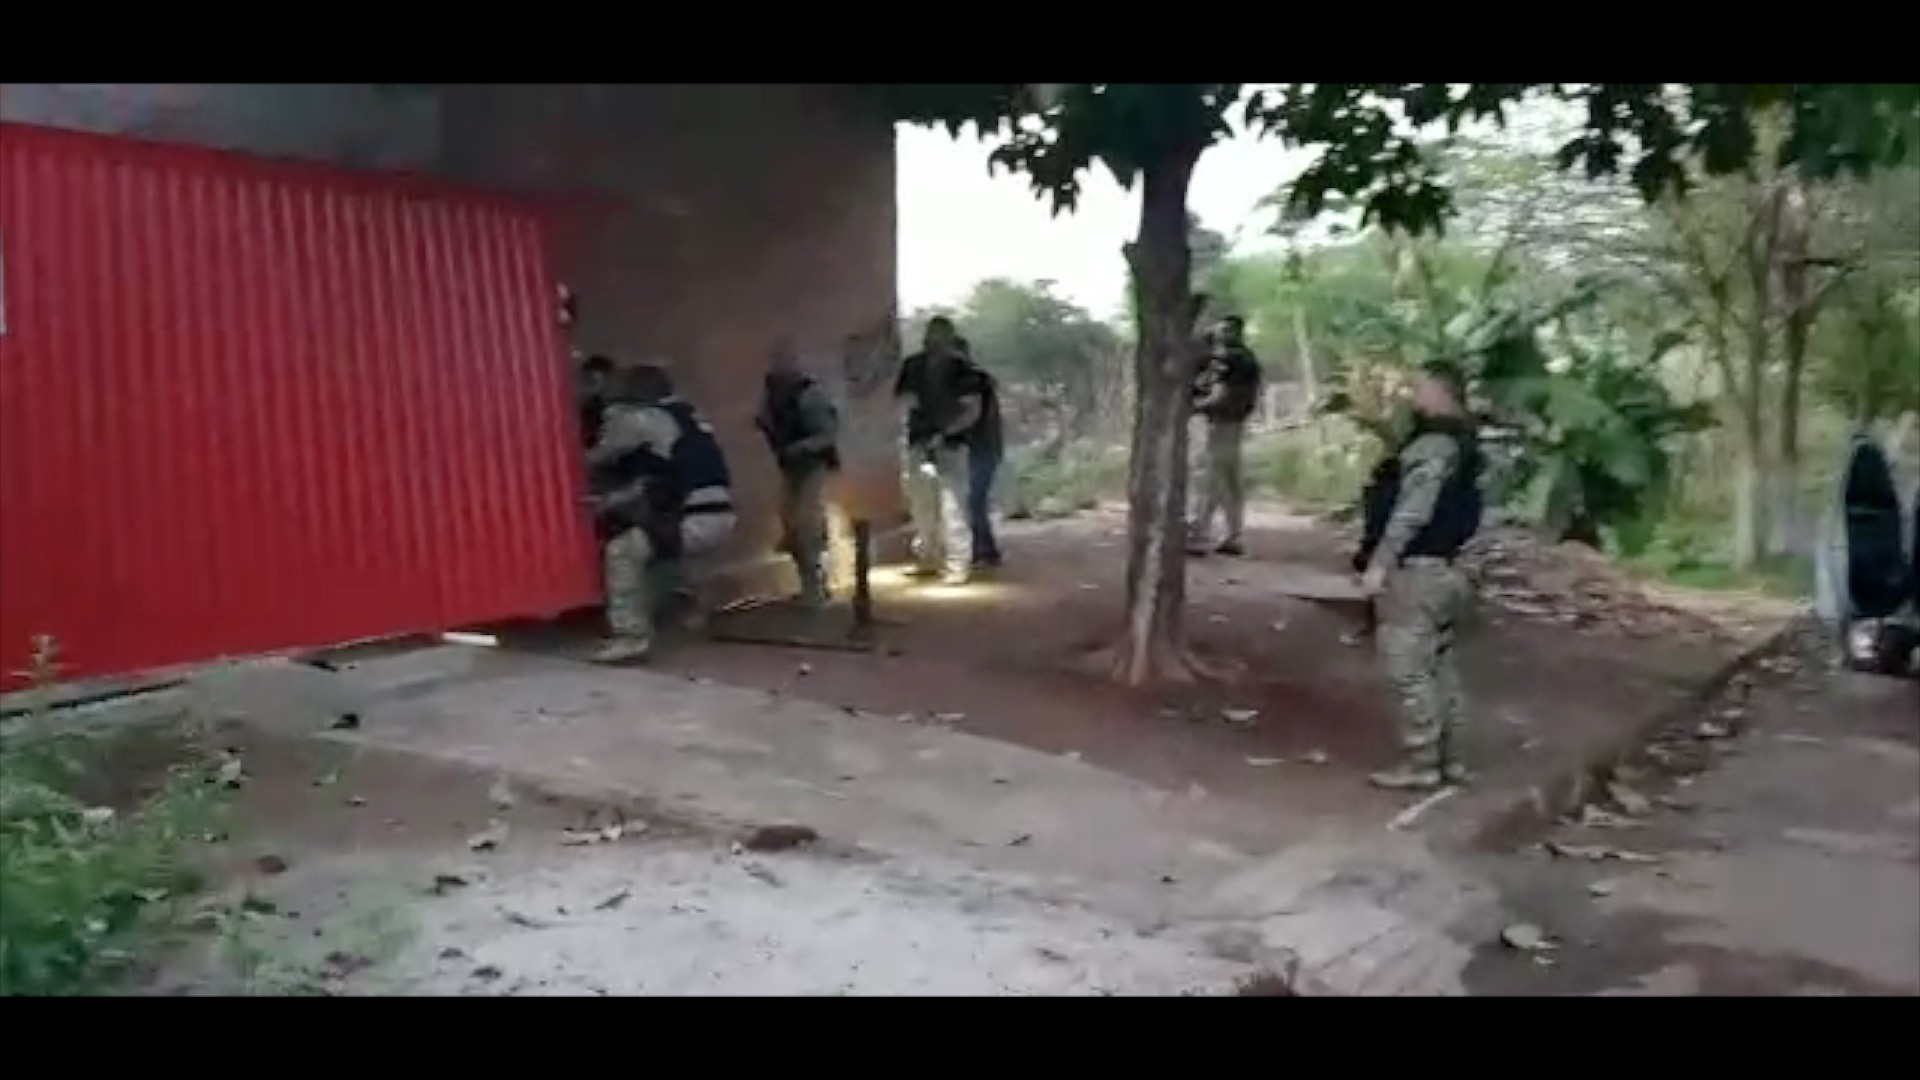 Operação da Polícia Civil cumpre mandados contra suspeitos de integrar facções criminosas - Notícias - Plantão Diário